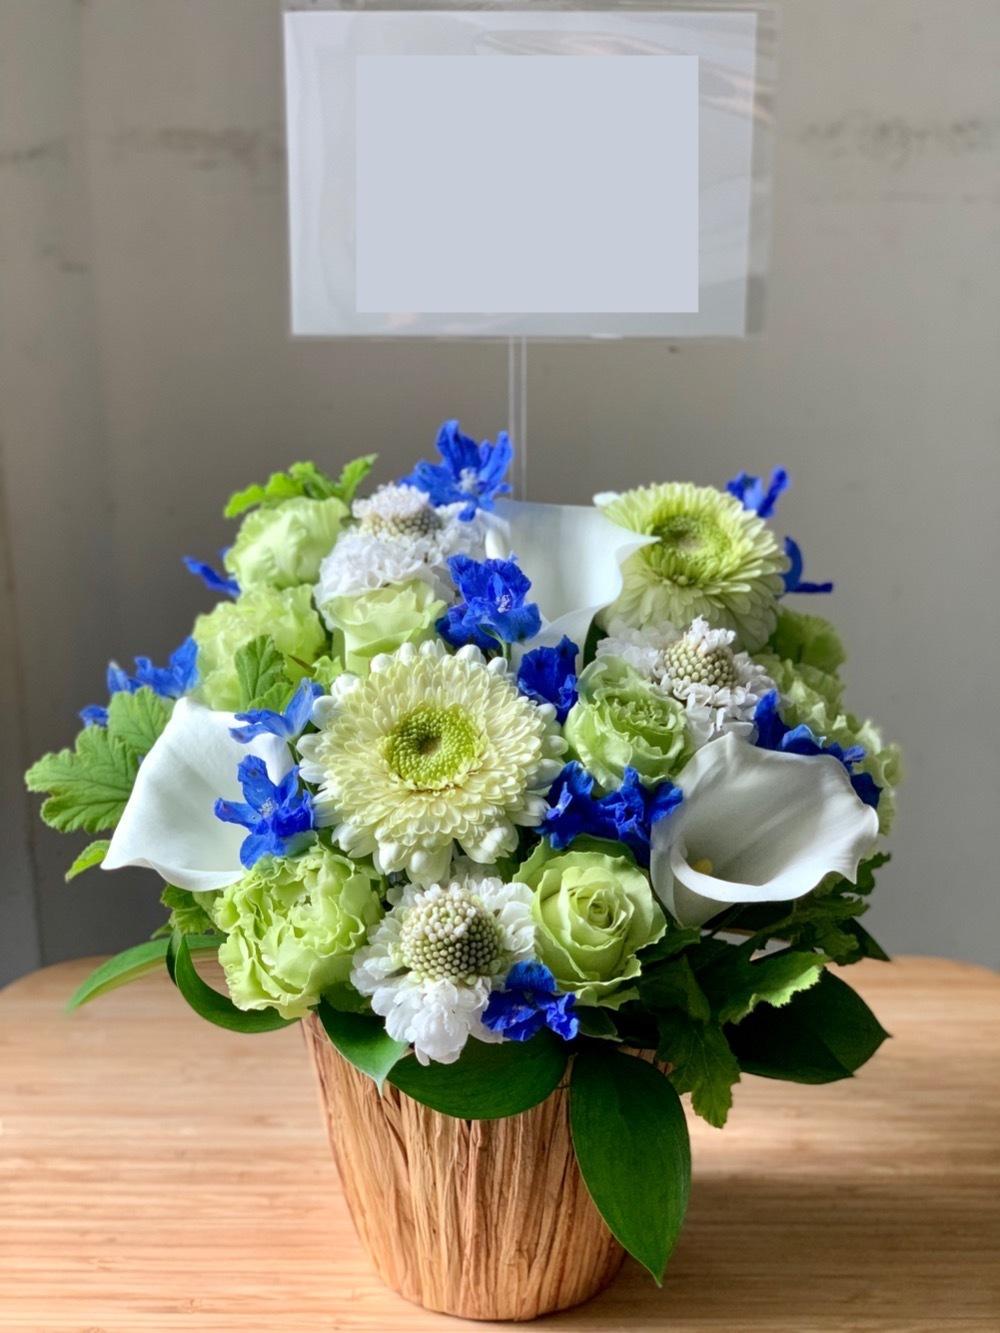 青のデルフィニウムを用いた昇進・昇格祝い花